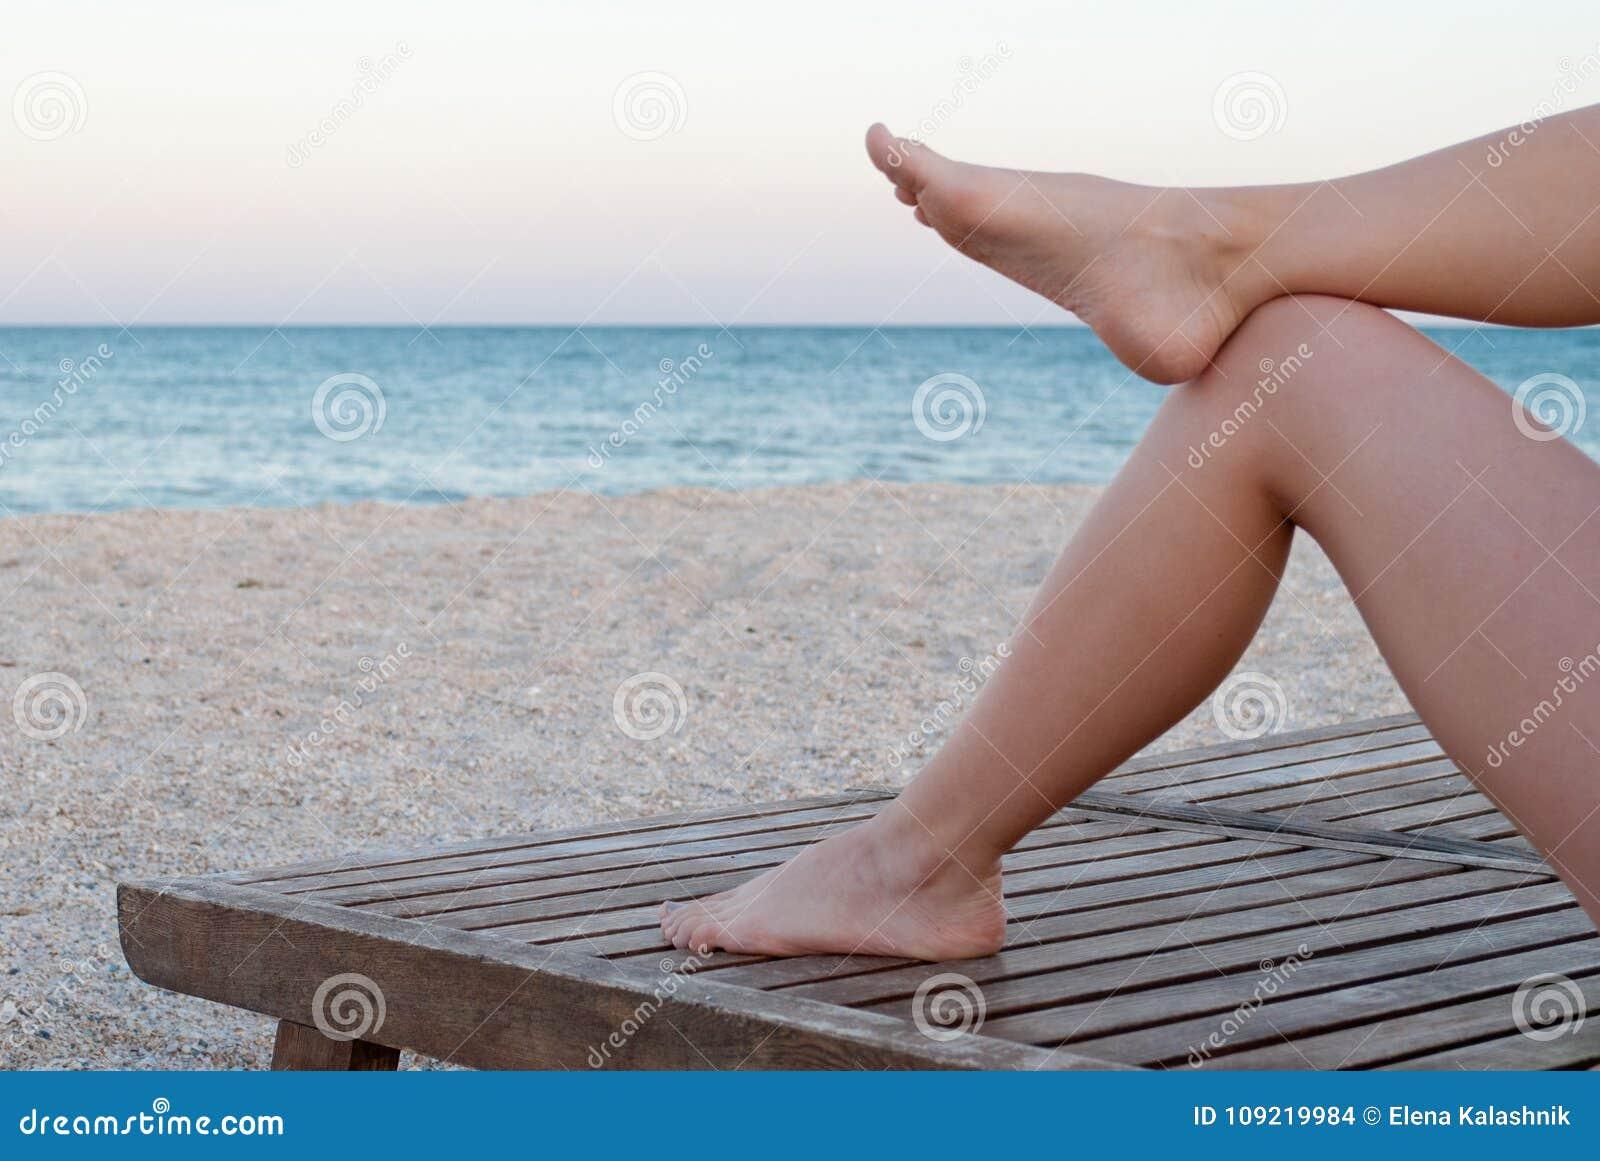 Sdraio Da Spiaggia In Legno.Gambe Snelle Di Una Ragazza Su Una Sedia A Sdraio Di Legno Sulla